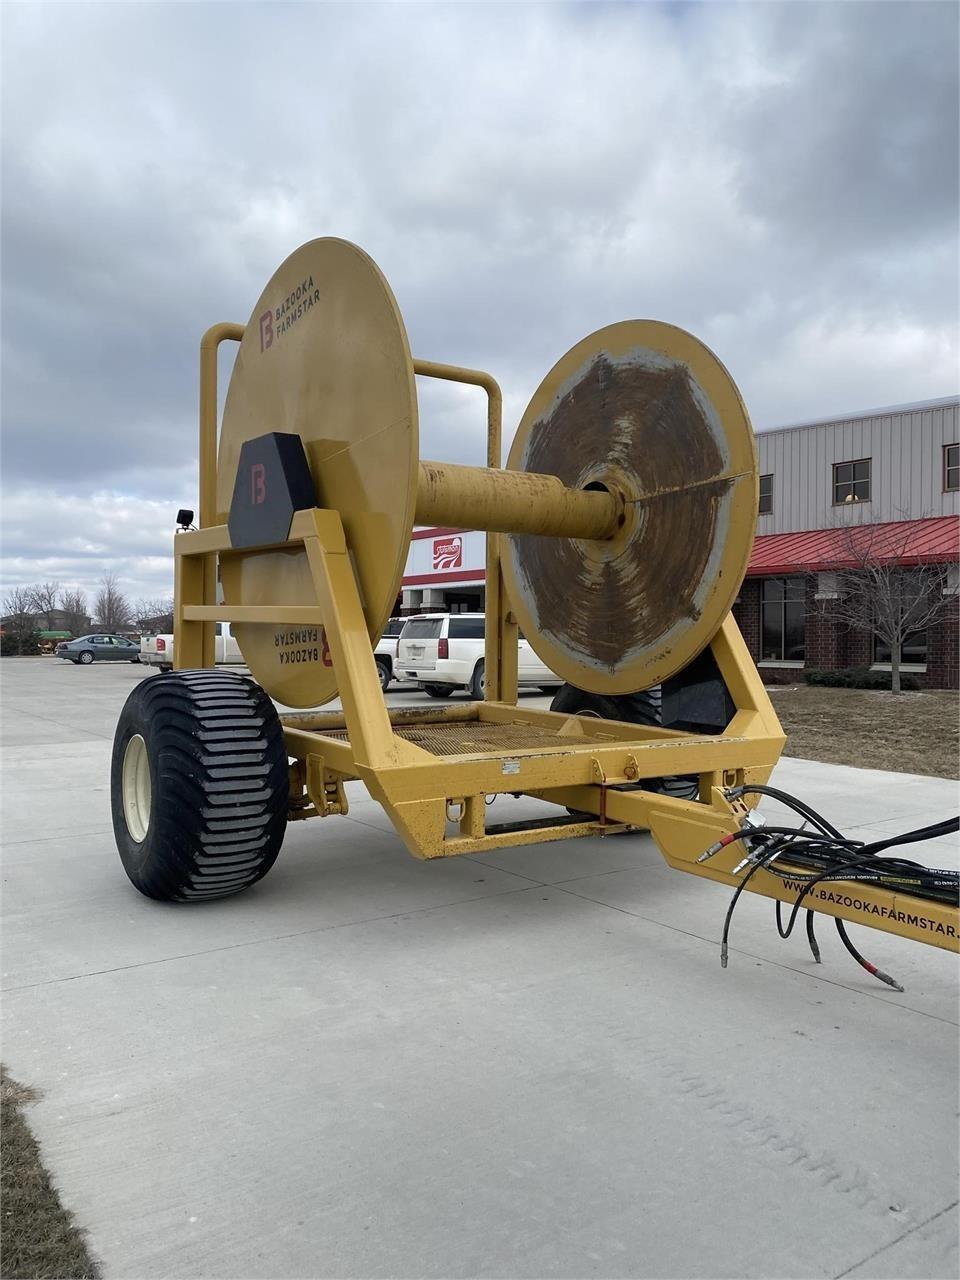 2016 Bazooka Farmstar 1810 Manure Pump